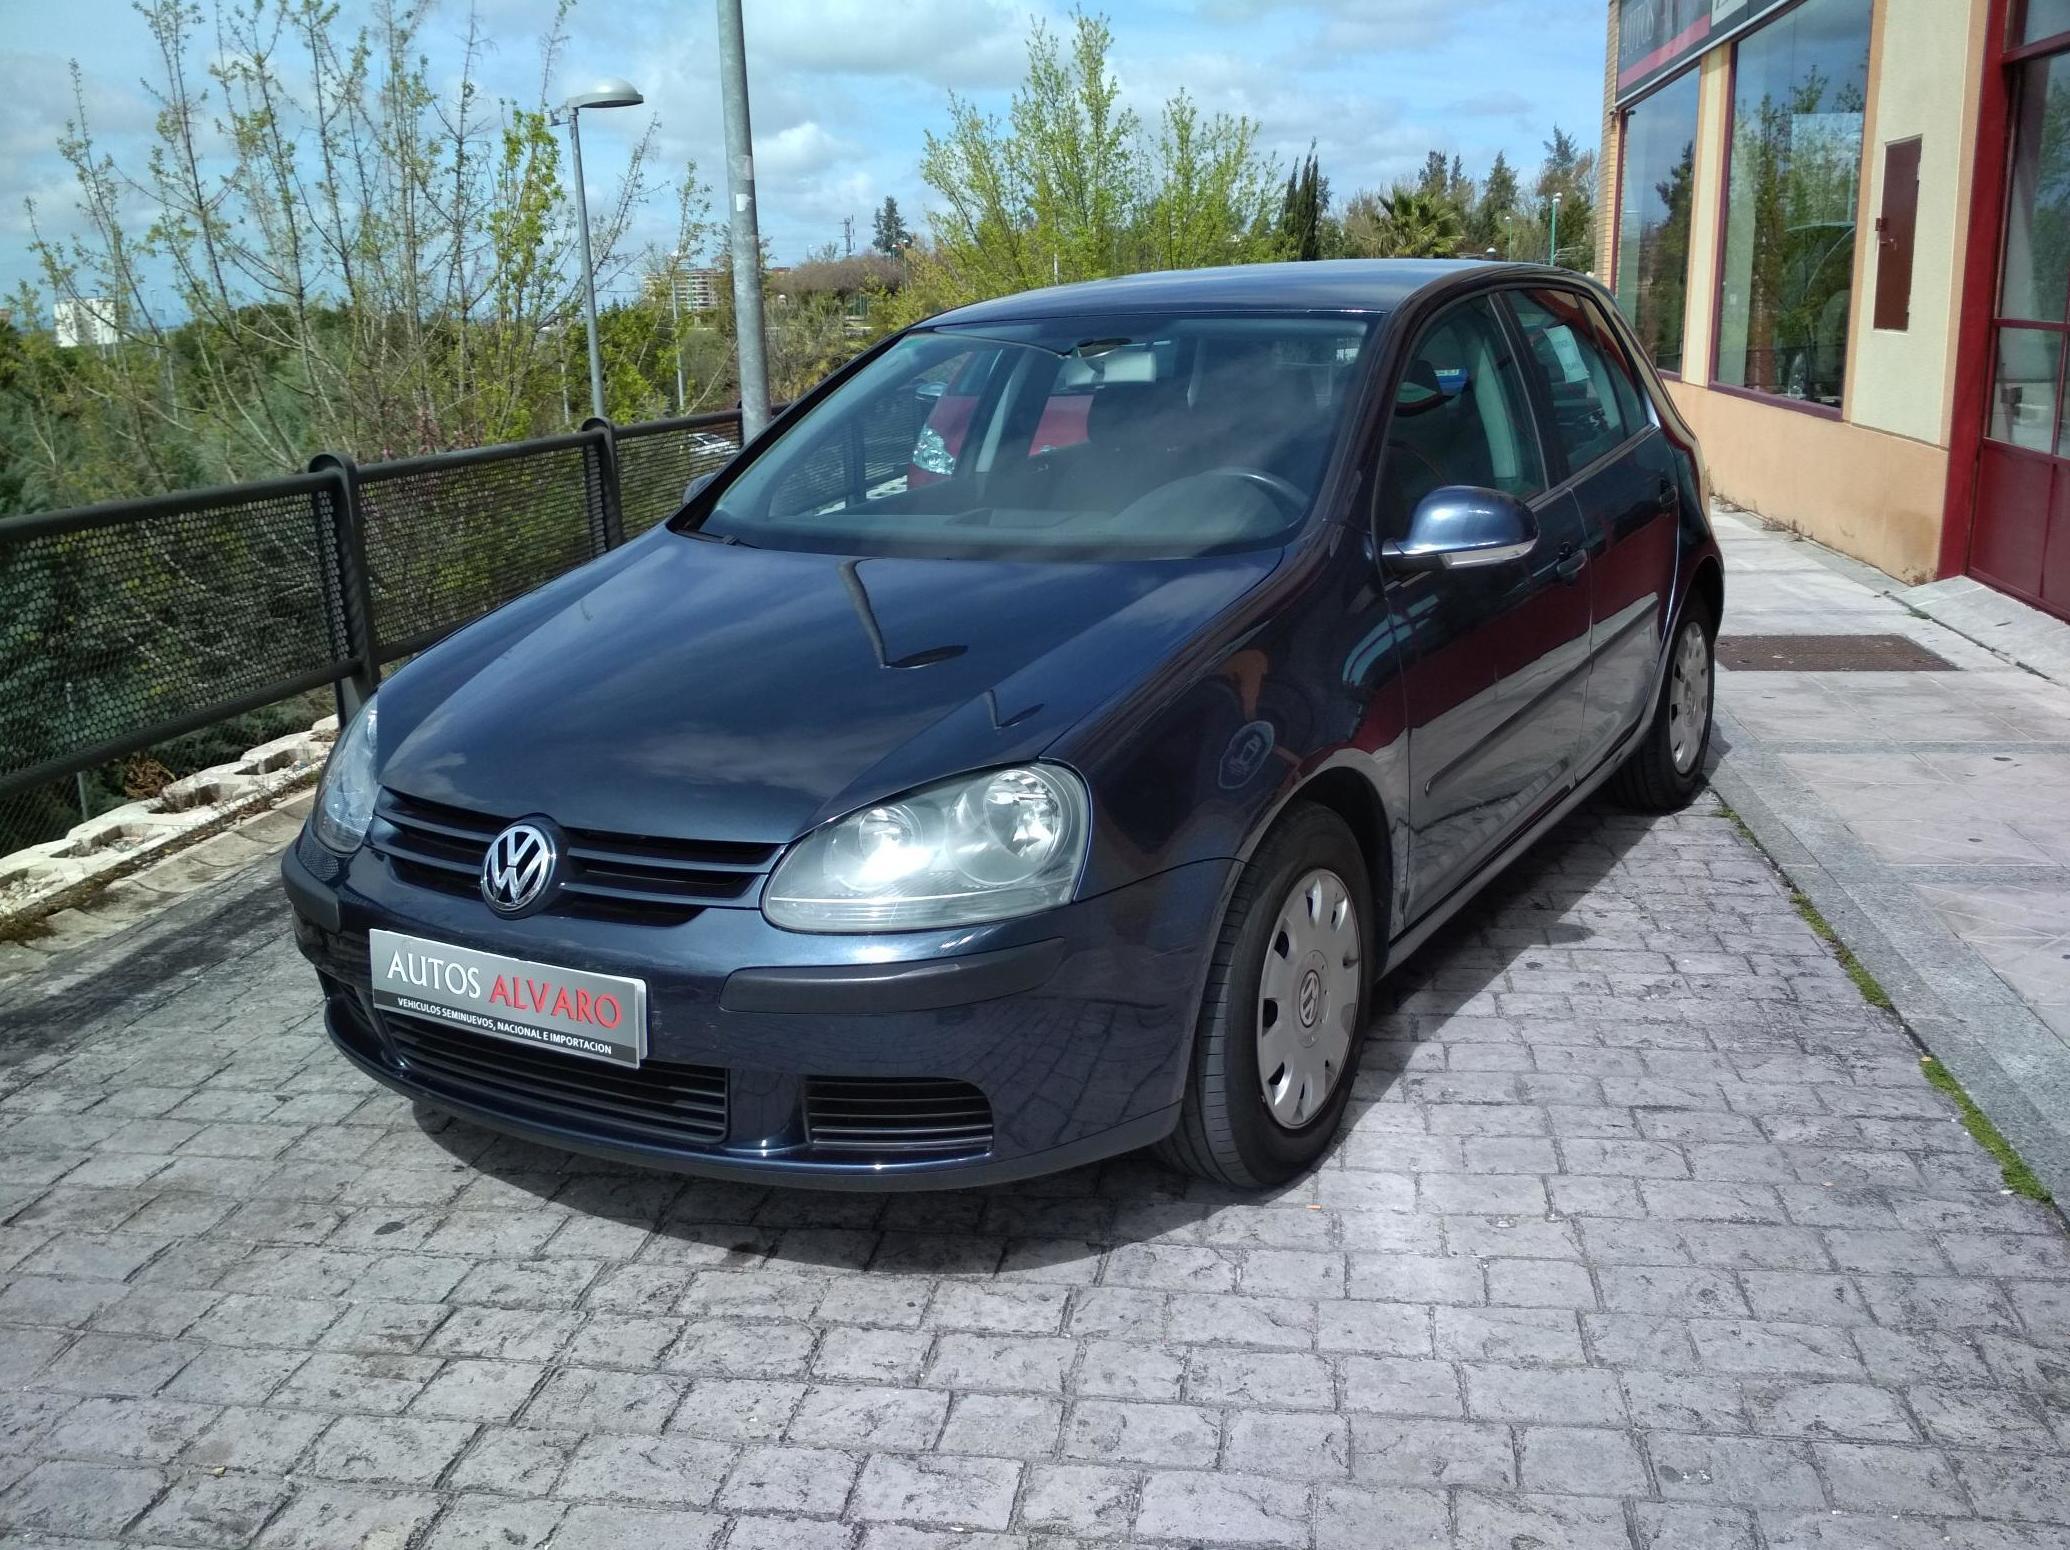 Volkswagen Golf 1.9 TDi Trendline: Venta de vehículos de ocasión de Autos Alvaro